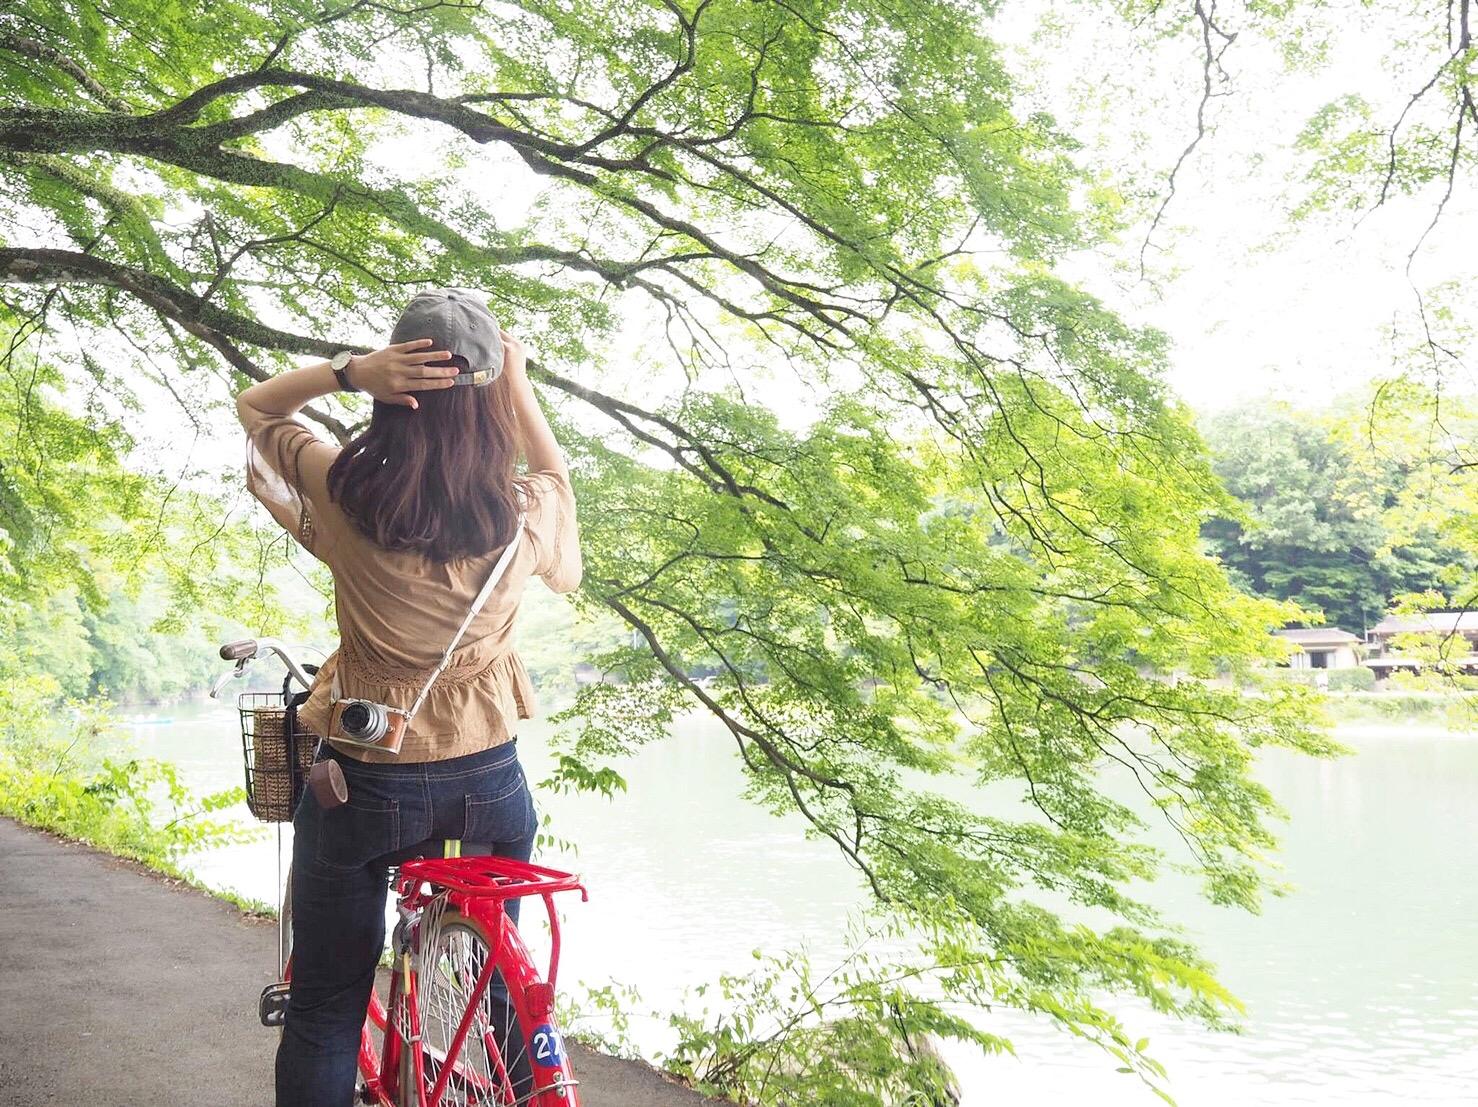 【女子旅におすすめ】京都で体験して最高だったベストメモリーまとめ♡_11